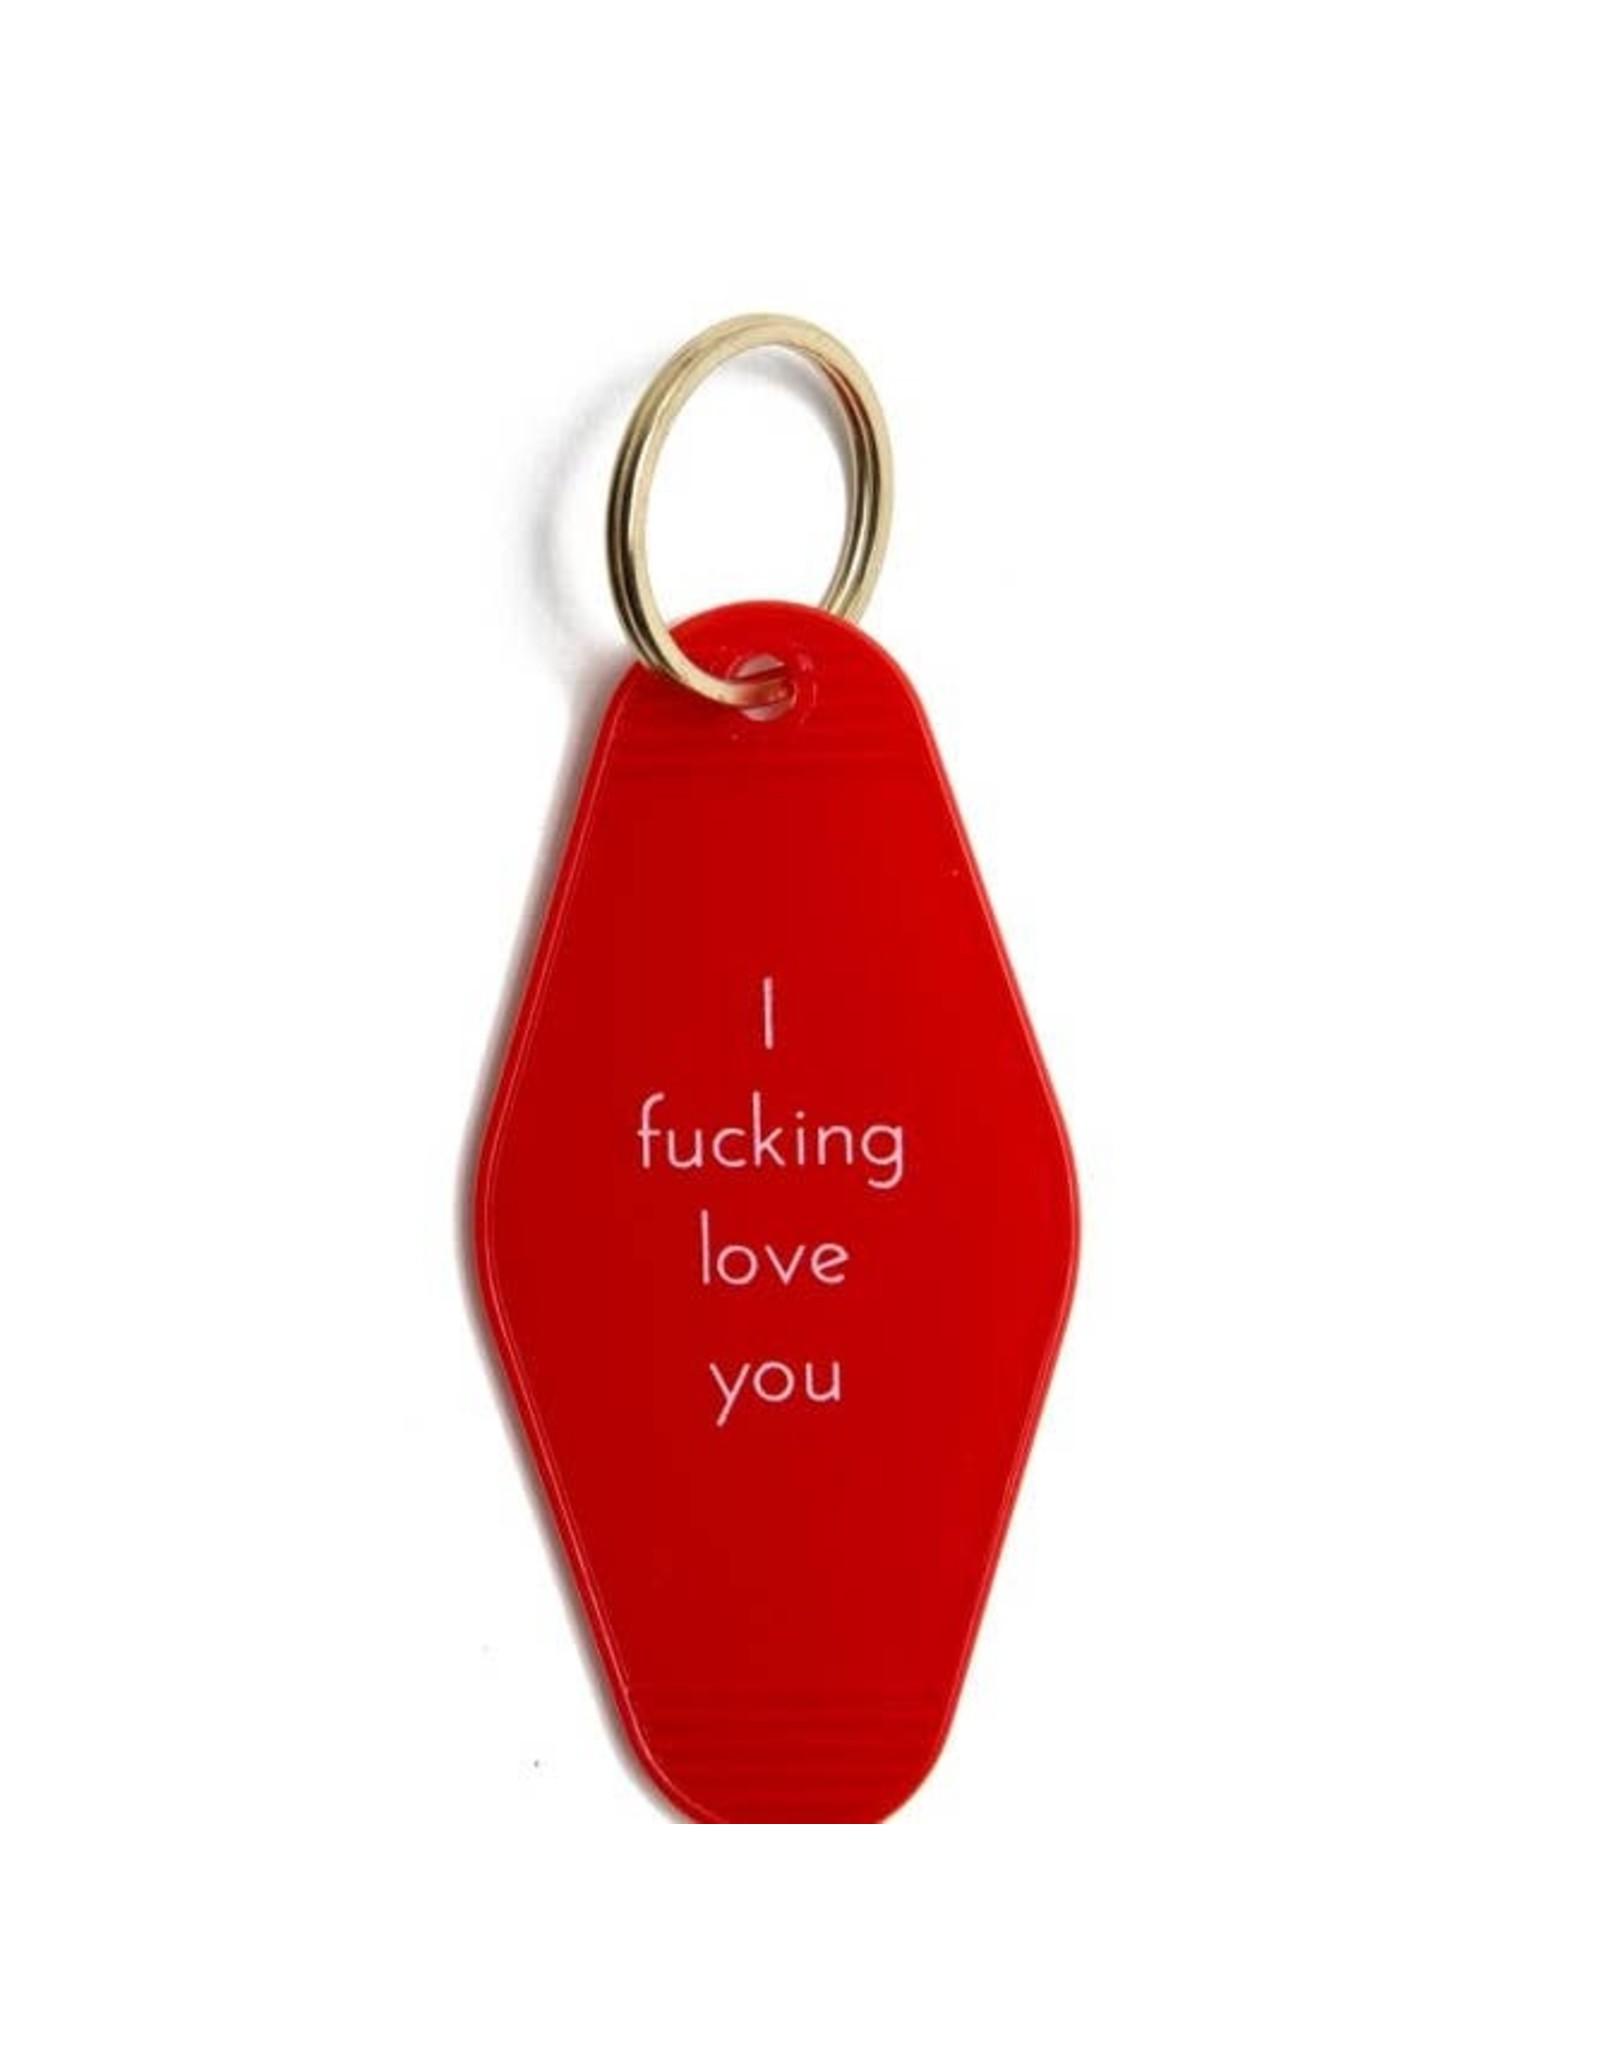 He Said, She Said Keychains - I fucking love you